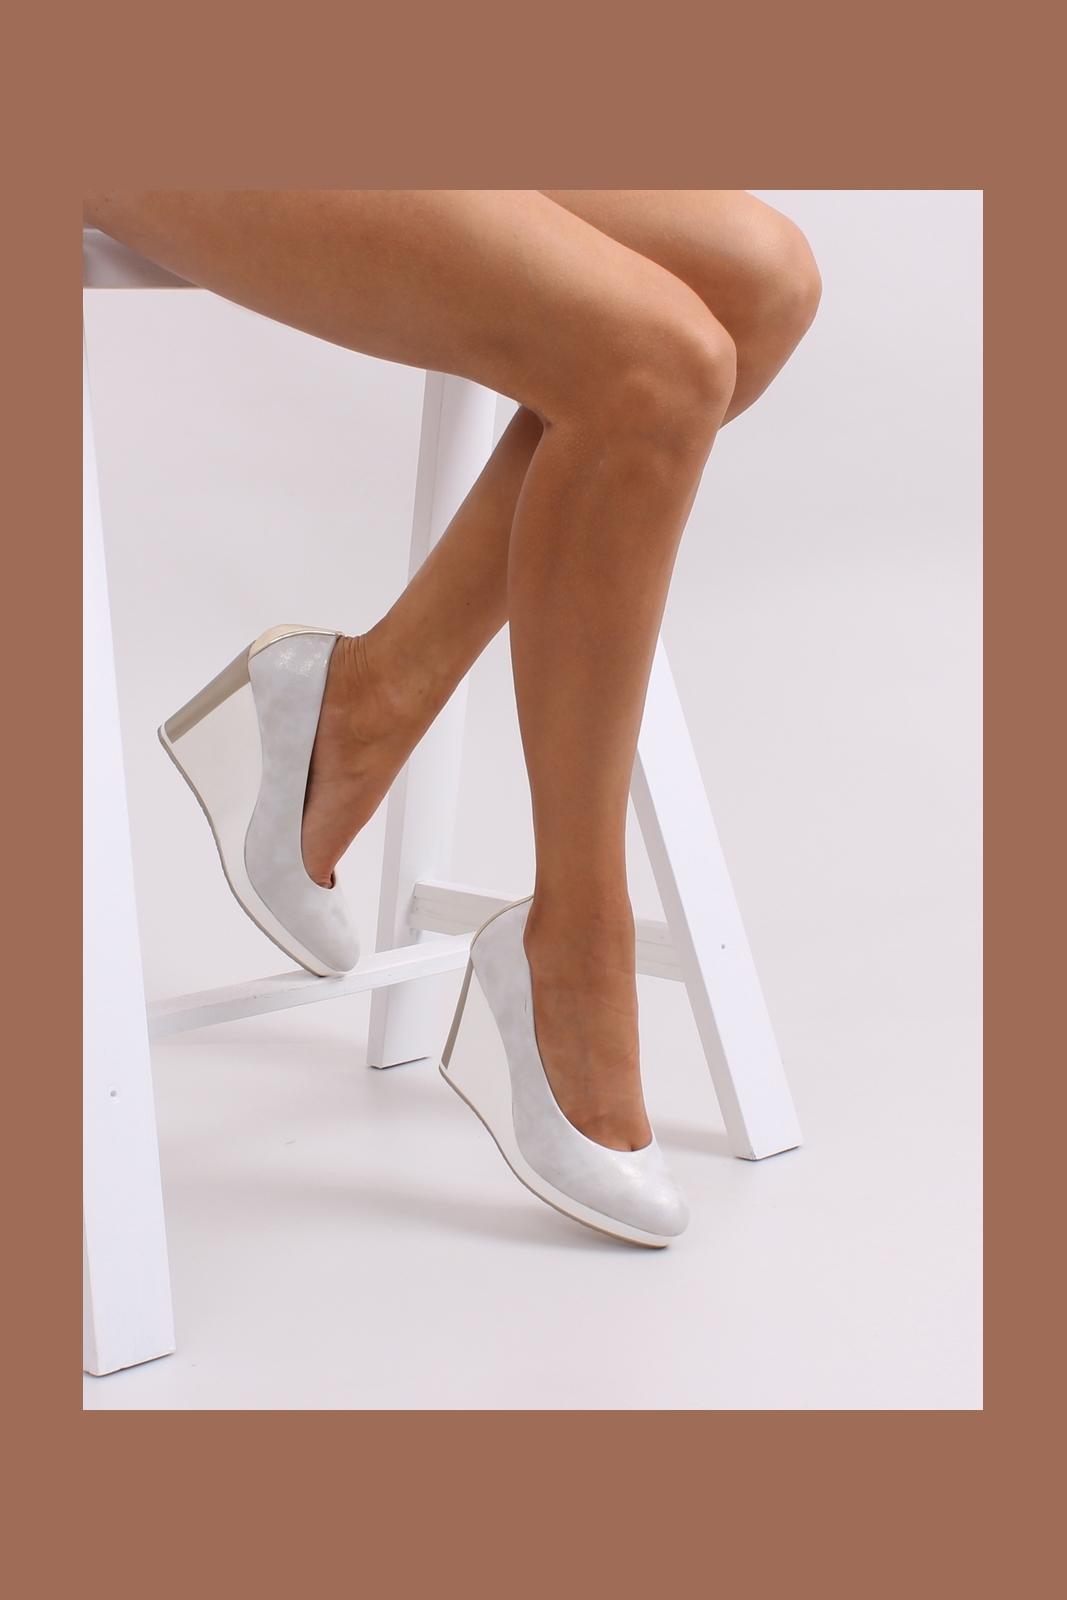 Сбор заказов. Огромный выбор качественной, супермодной обуви польского производителя Denley. Туфли, сапоги, ботинки